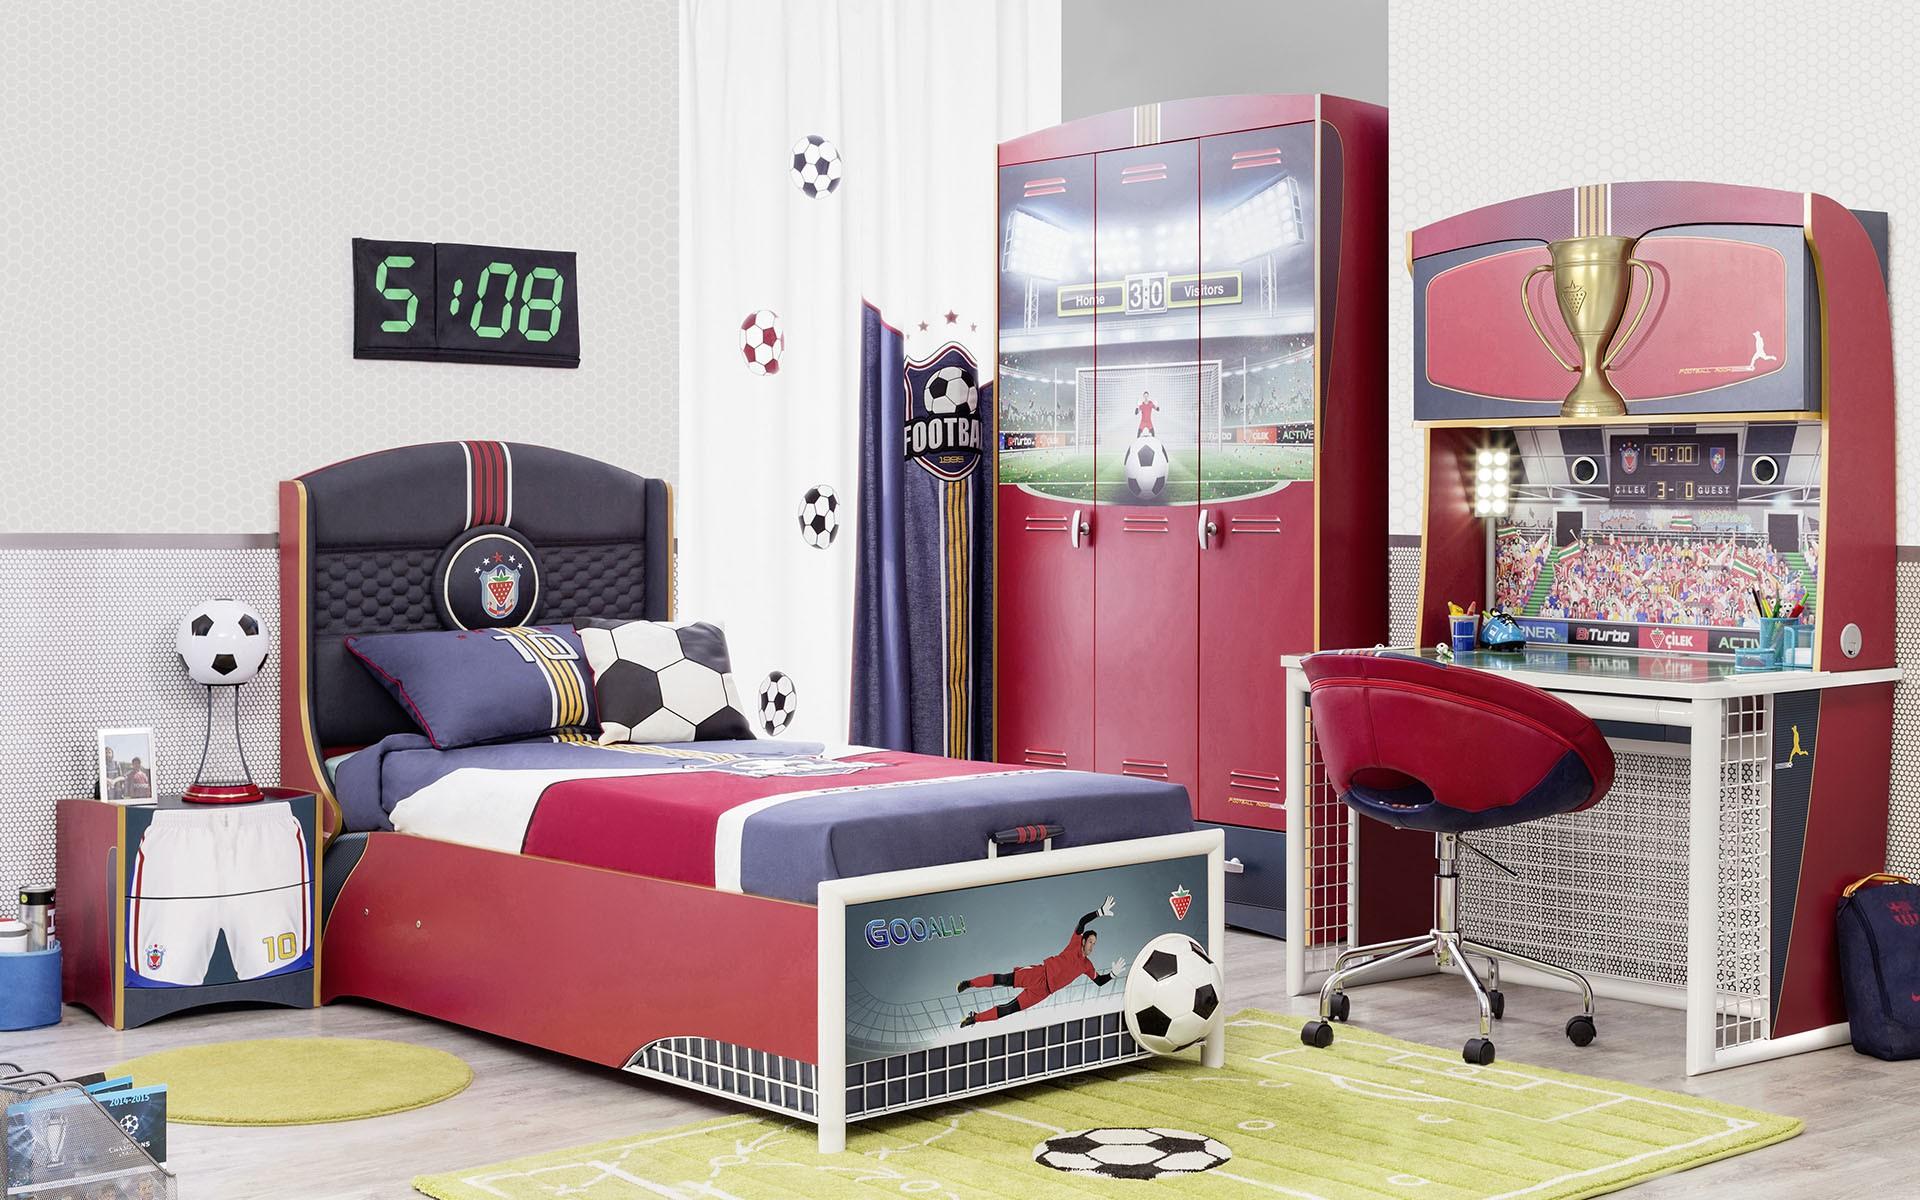 Планировка детской в футбольной тематике